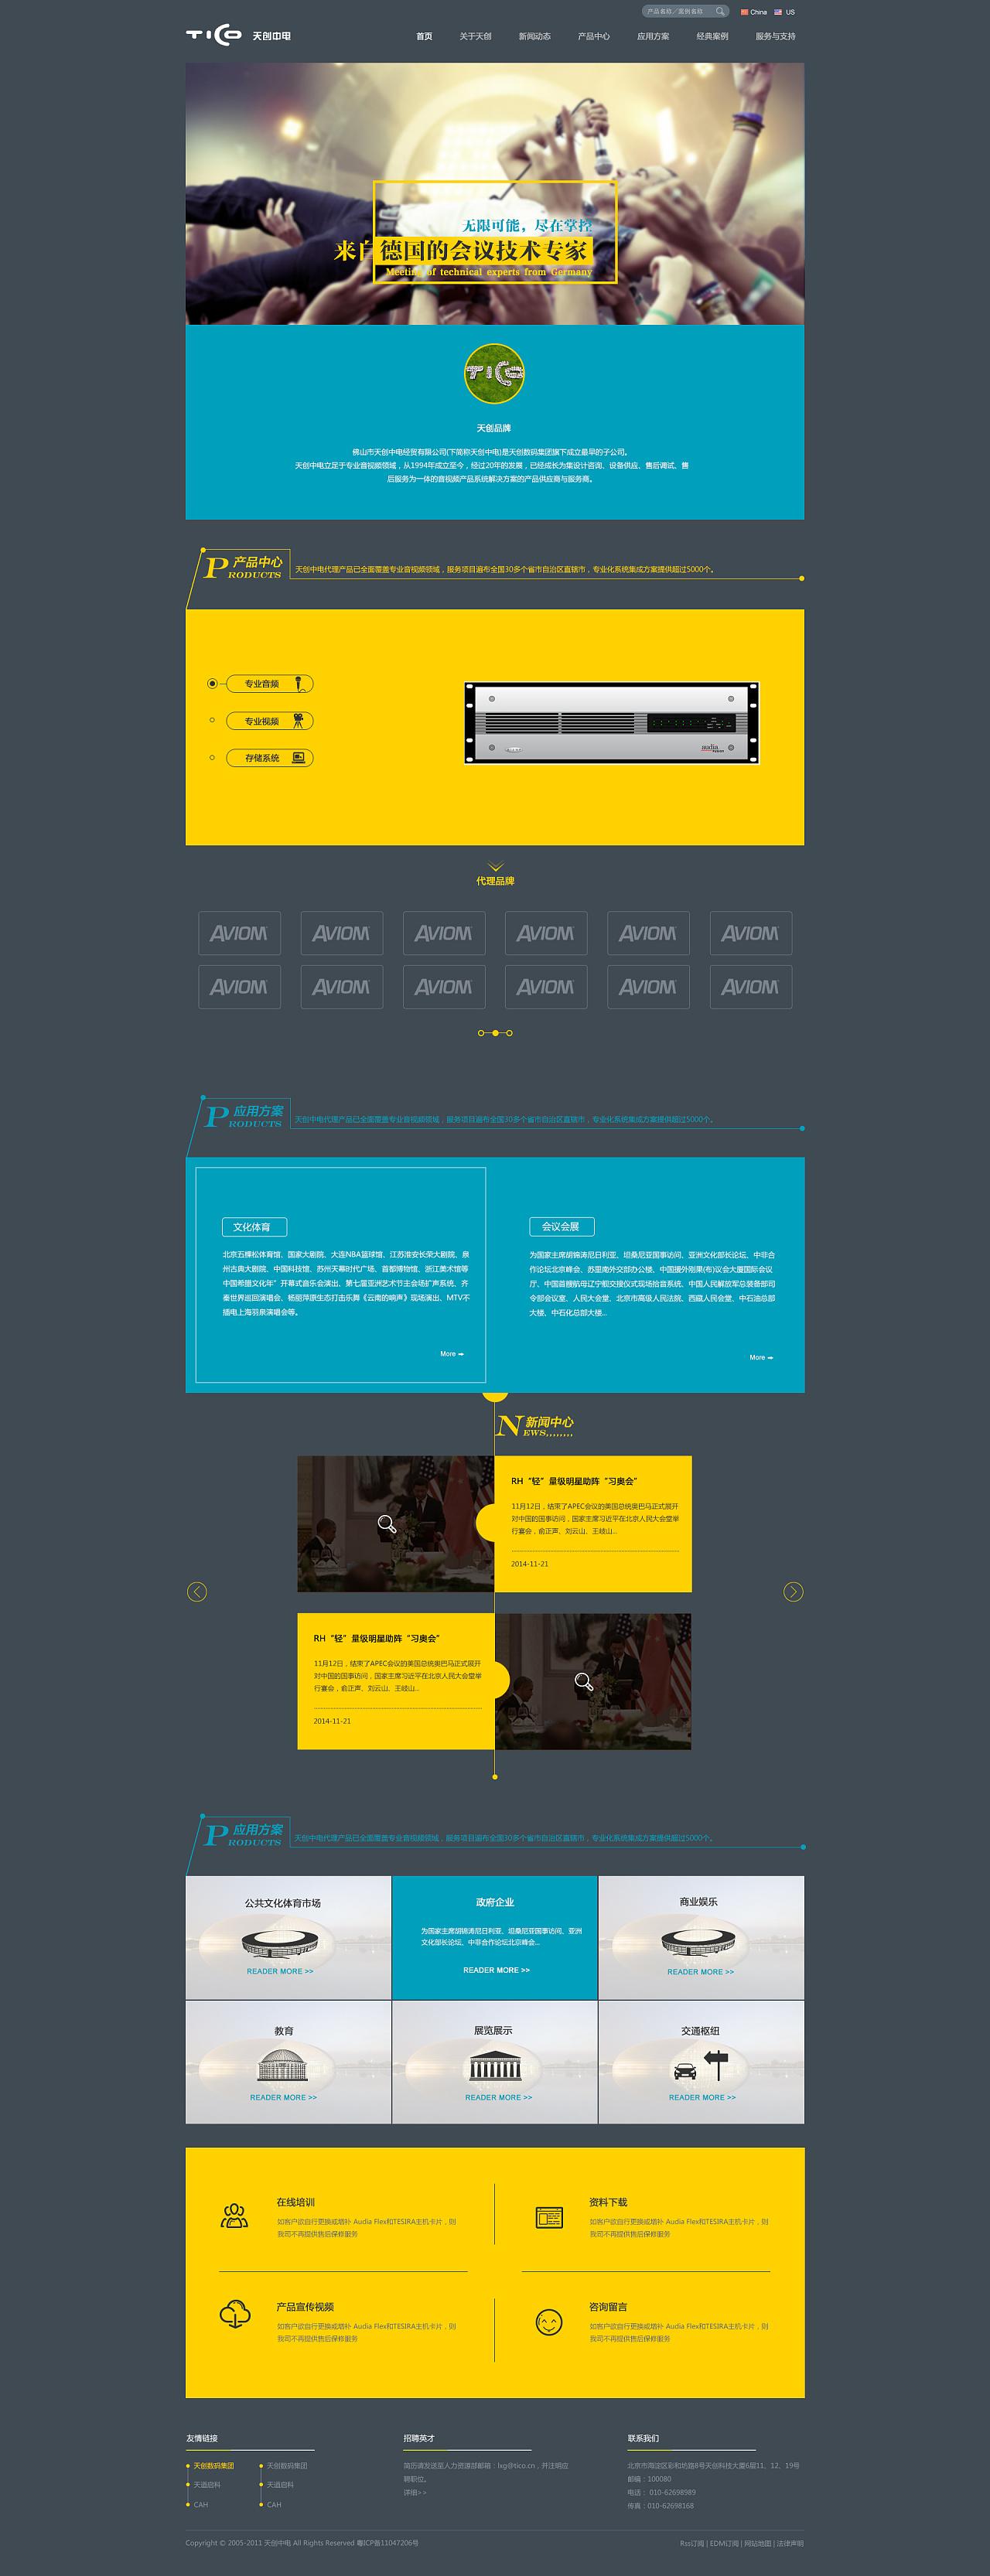 天创男孩-方案 网页 集团官网 天水企业-沃夫品牌设计图片